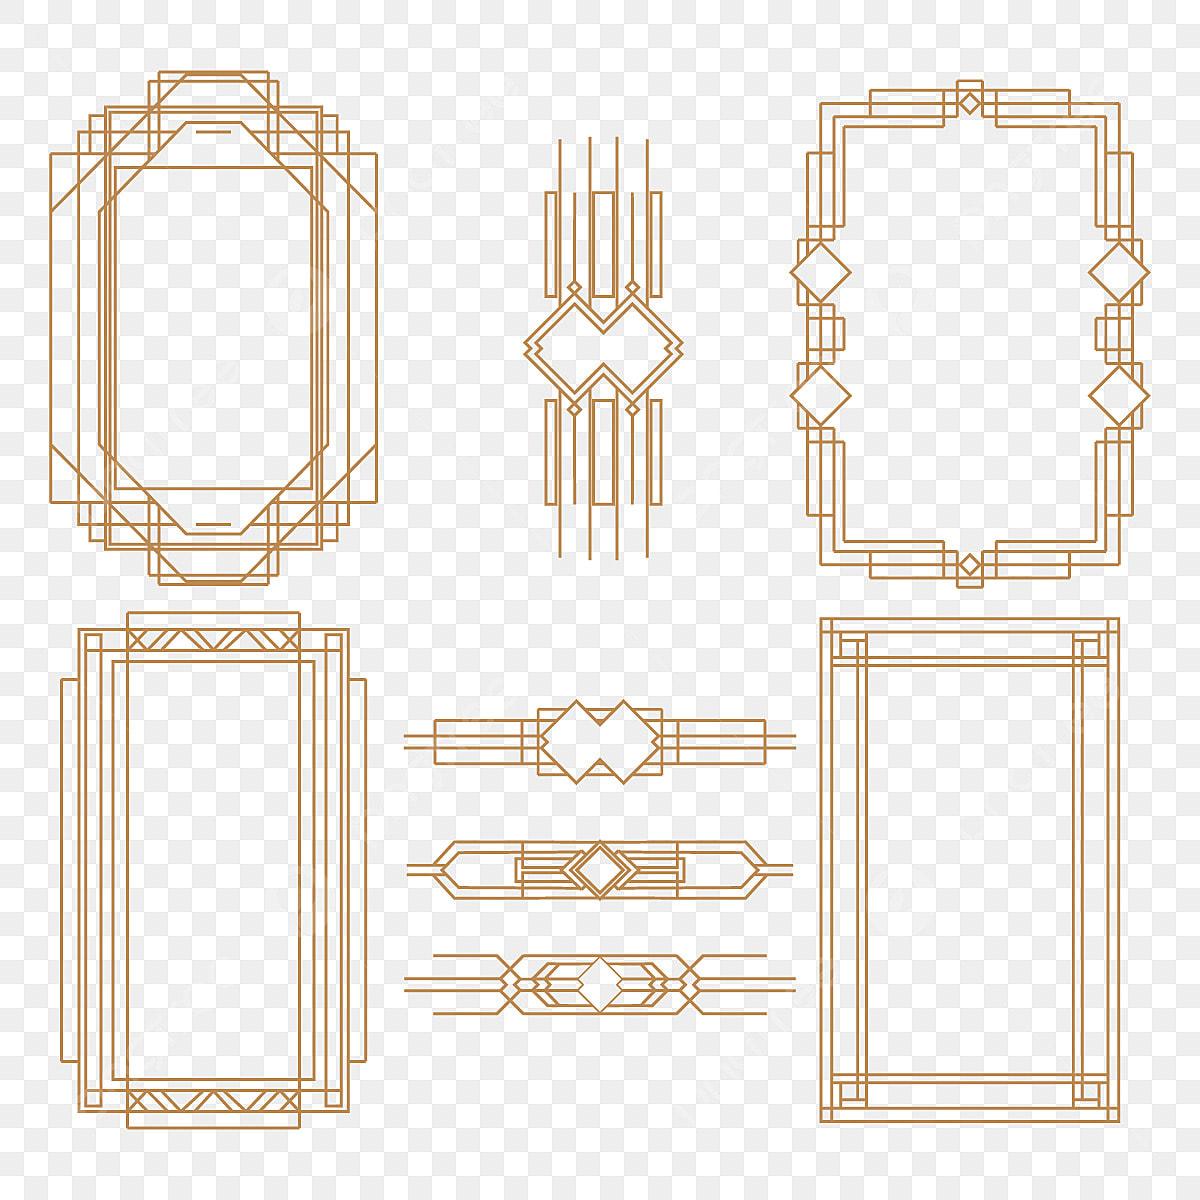 art deco frame png set of art deco frame, element, decoration, frame png and